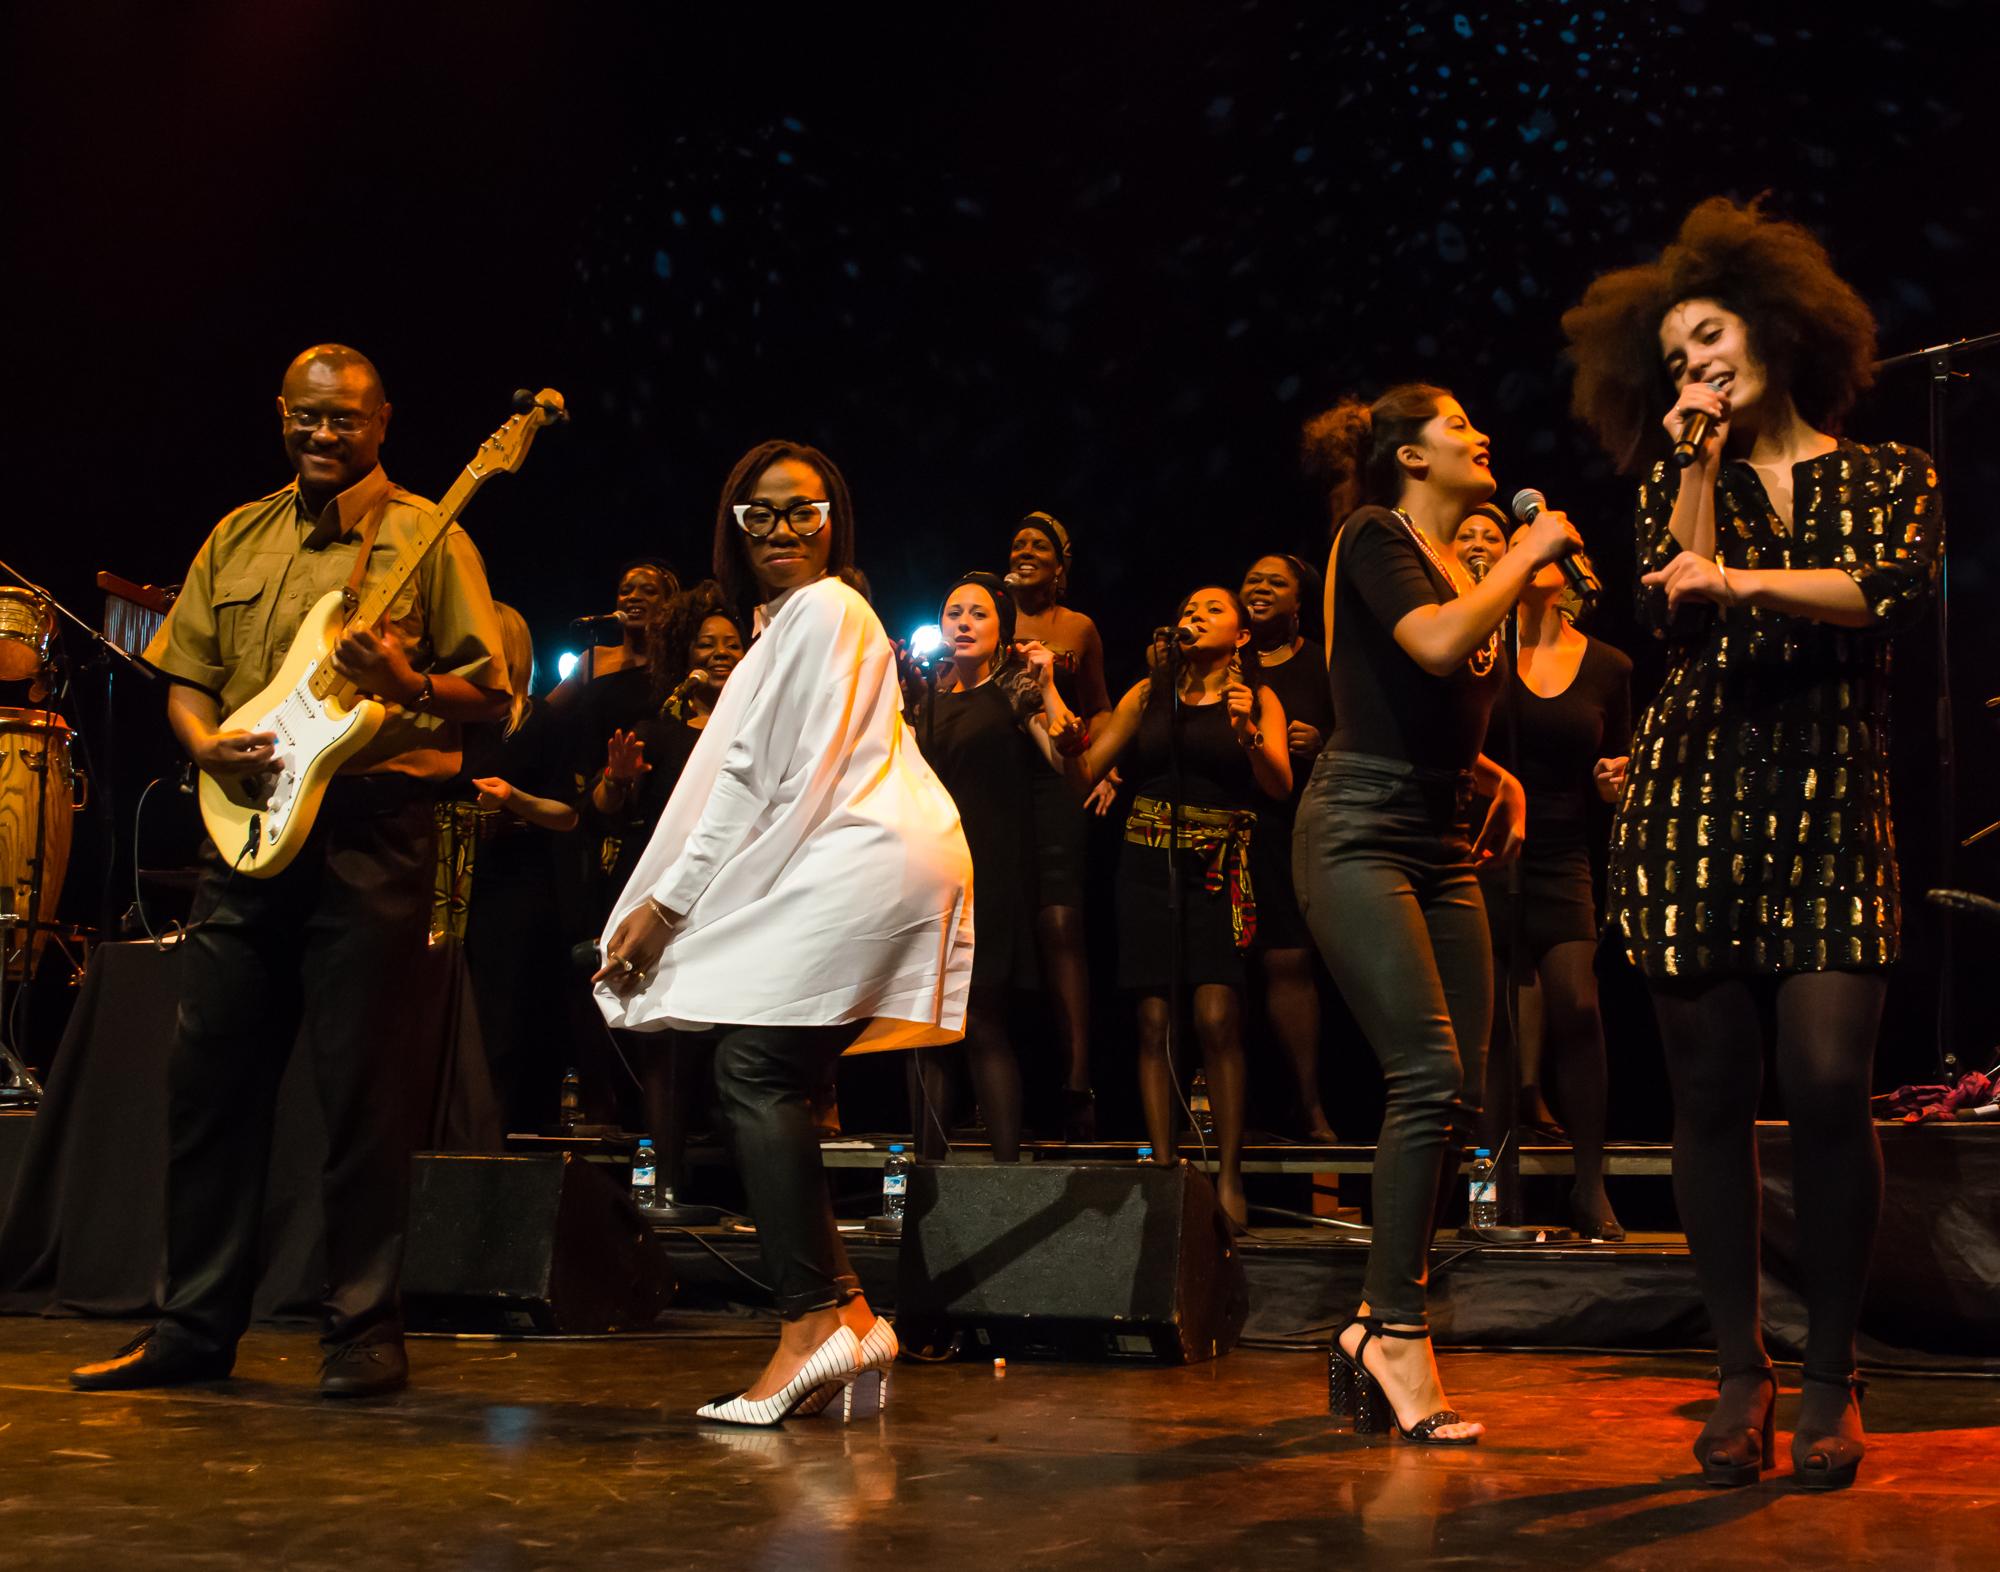 Royal Festival Hall, UK. 14th November 2014. Angelique Kidjo, Ibeyi, Asa performing at Royal Festival Hall